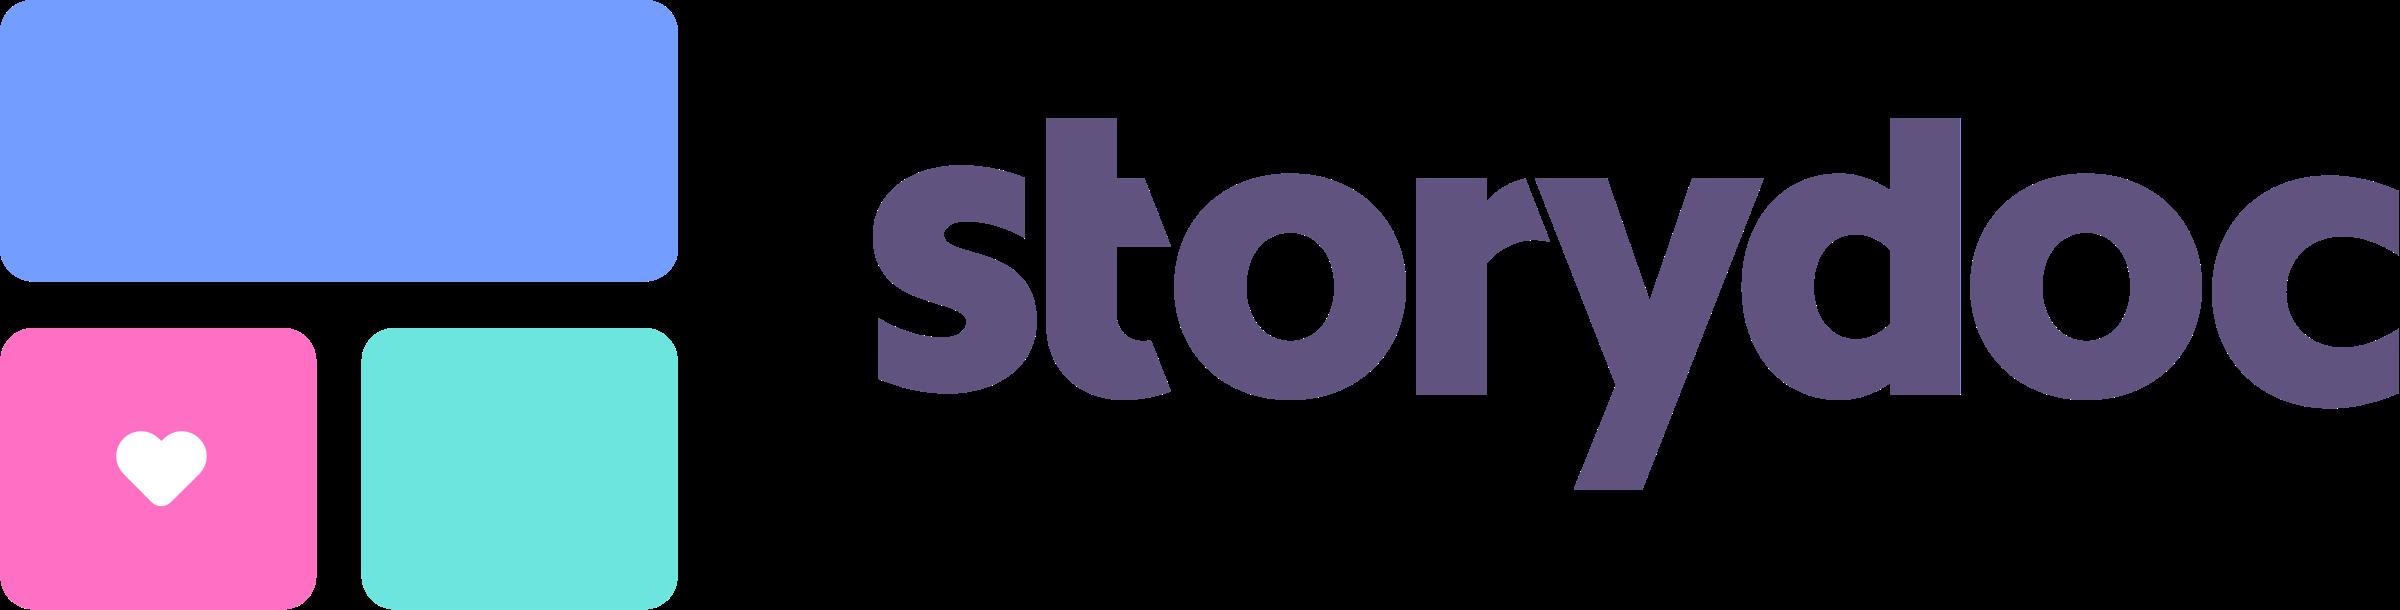 StoreeDoc logo